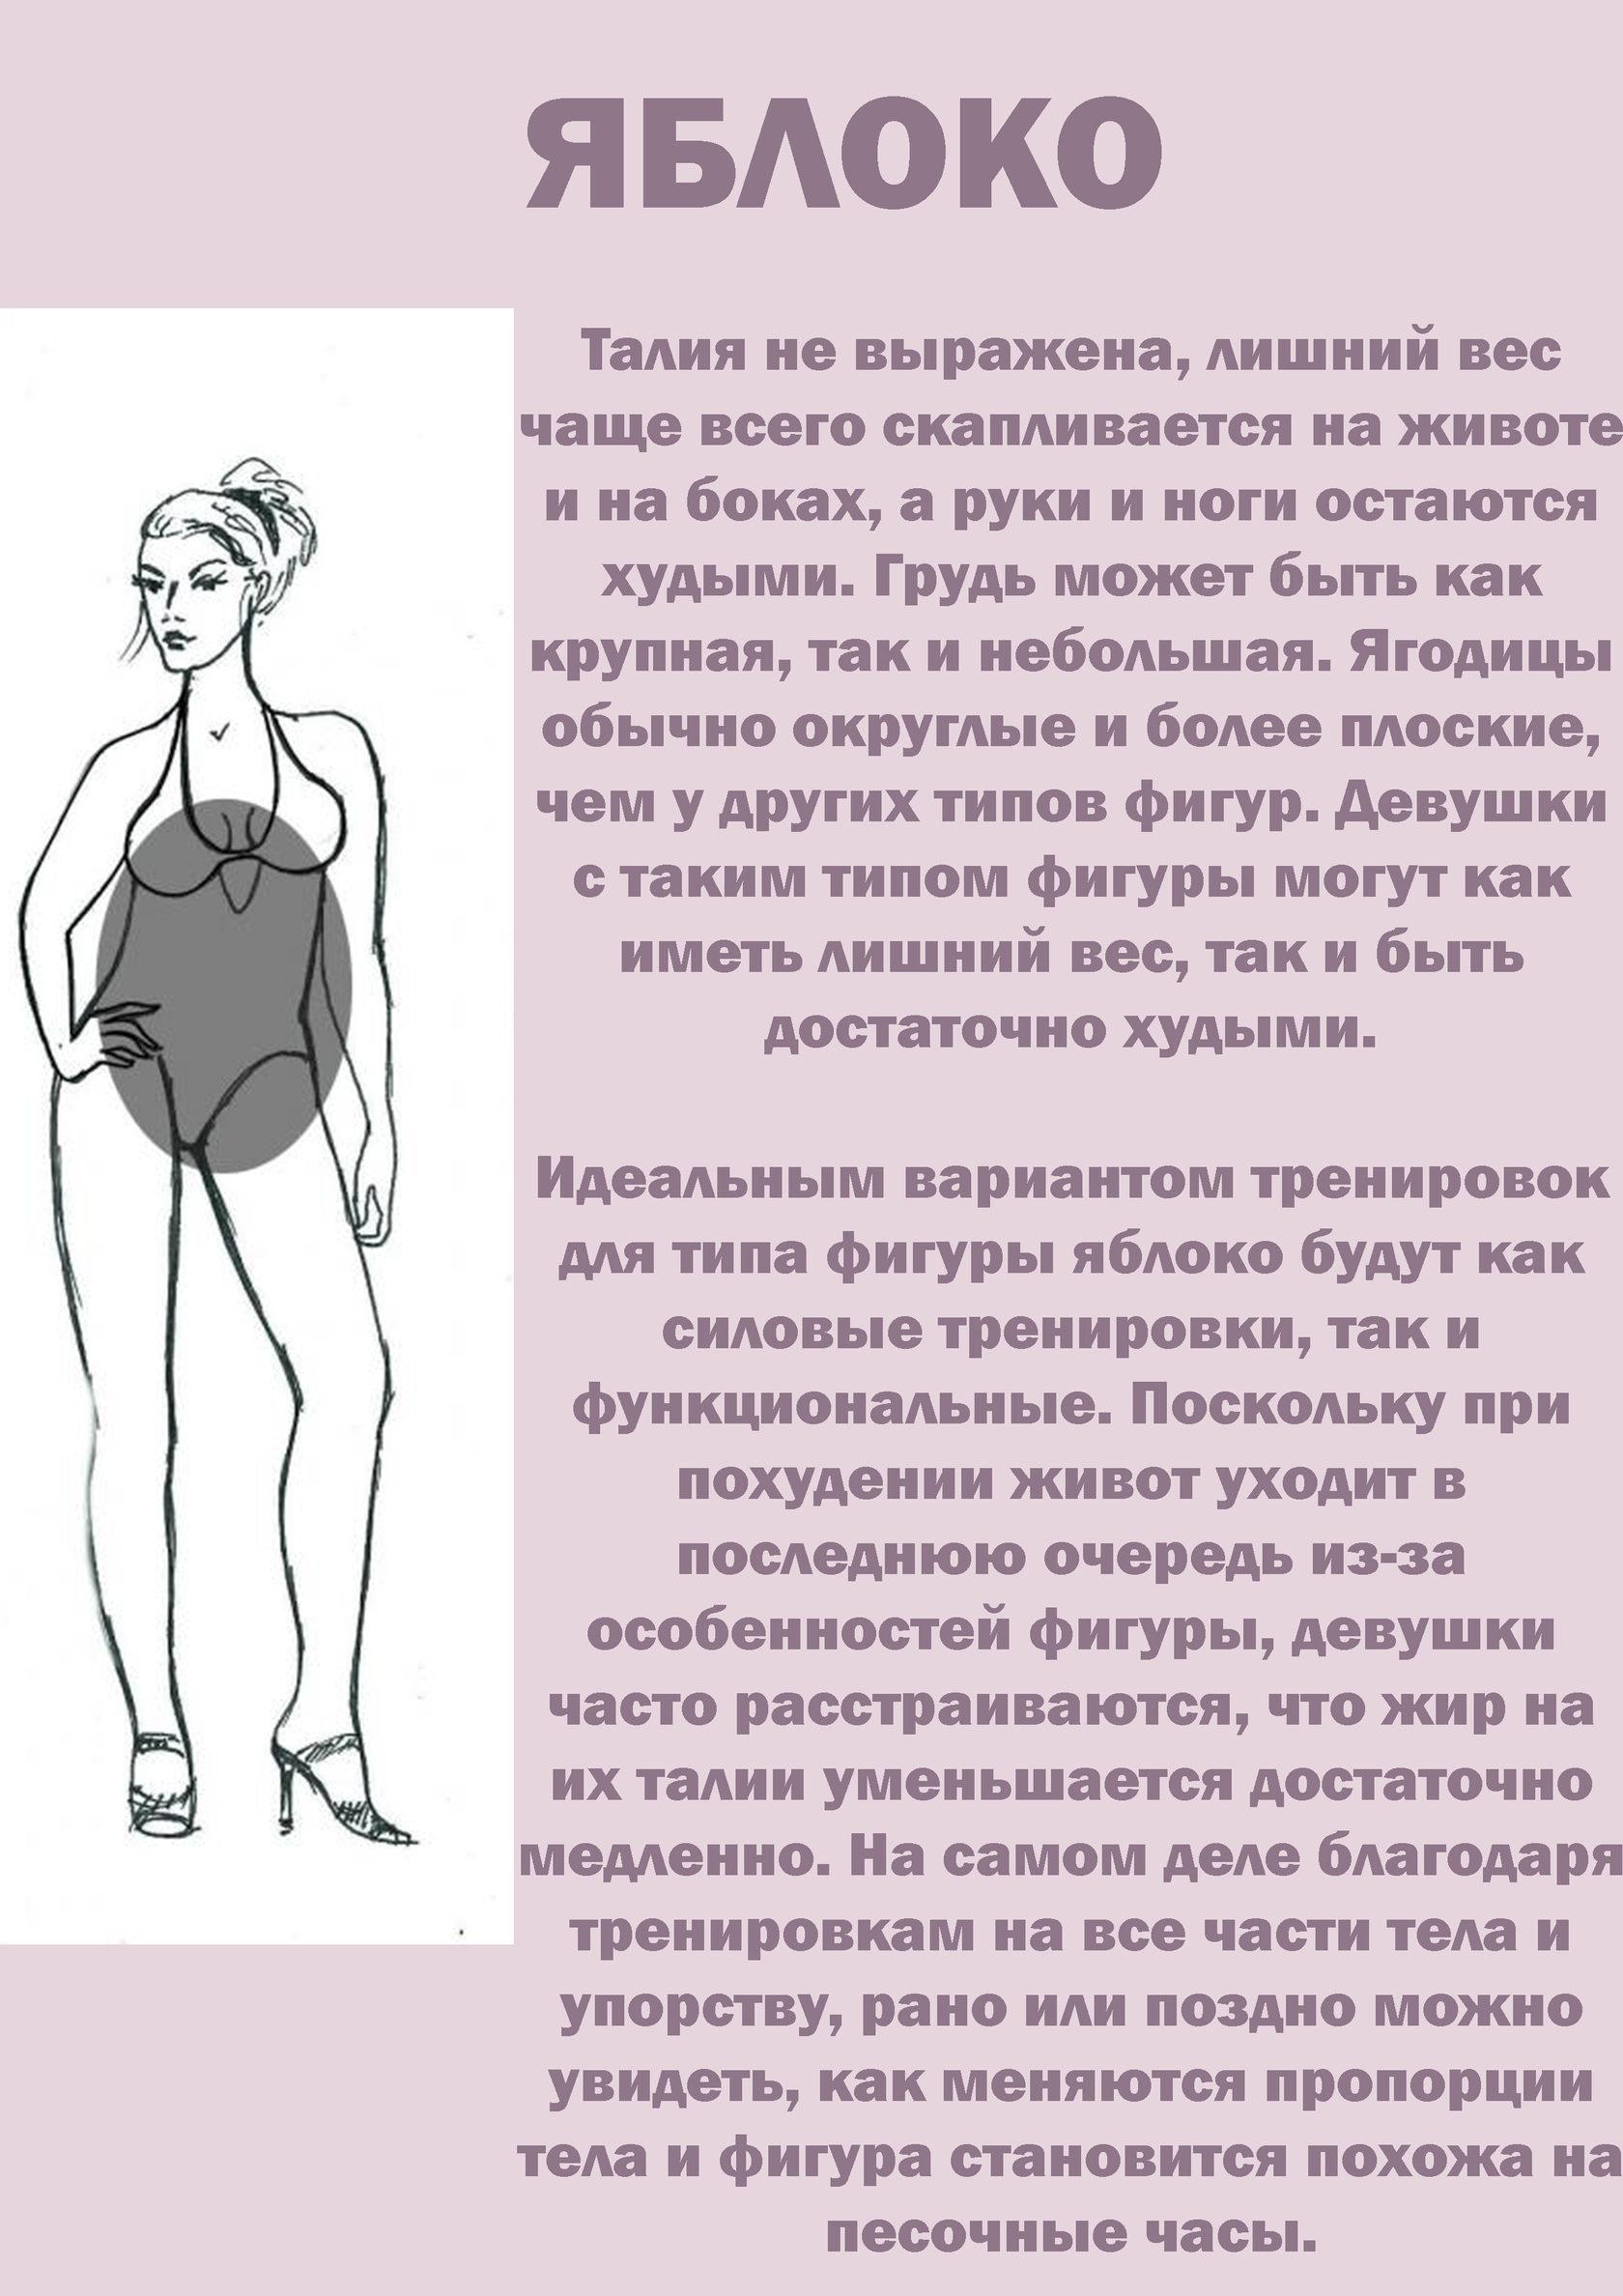 Тип Фигура Яблоко Как Похудеть.